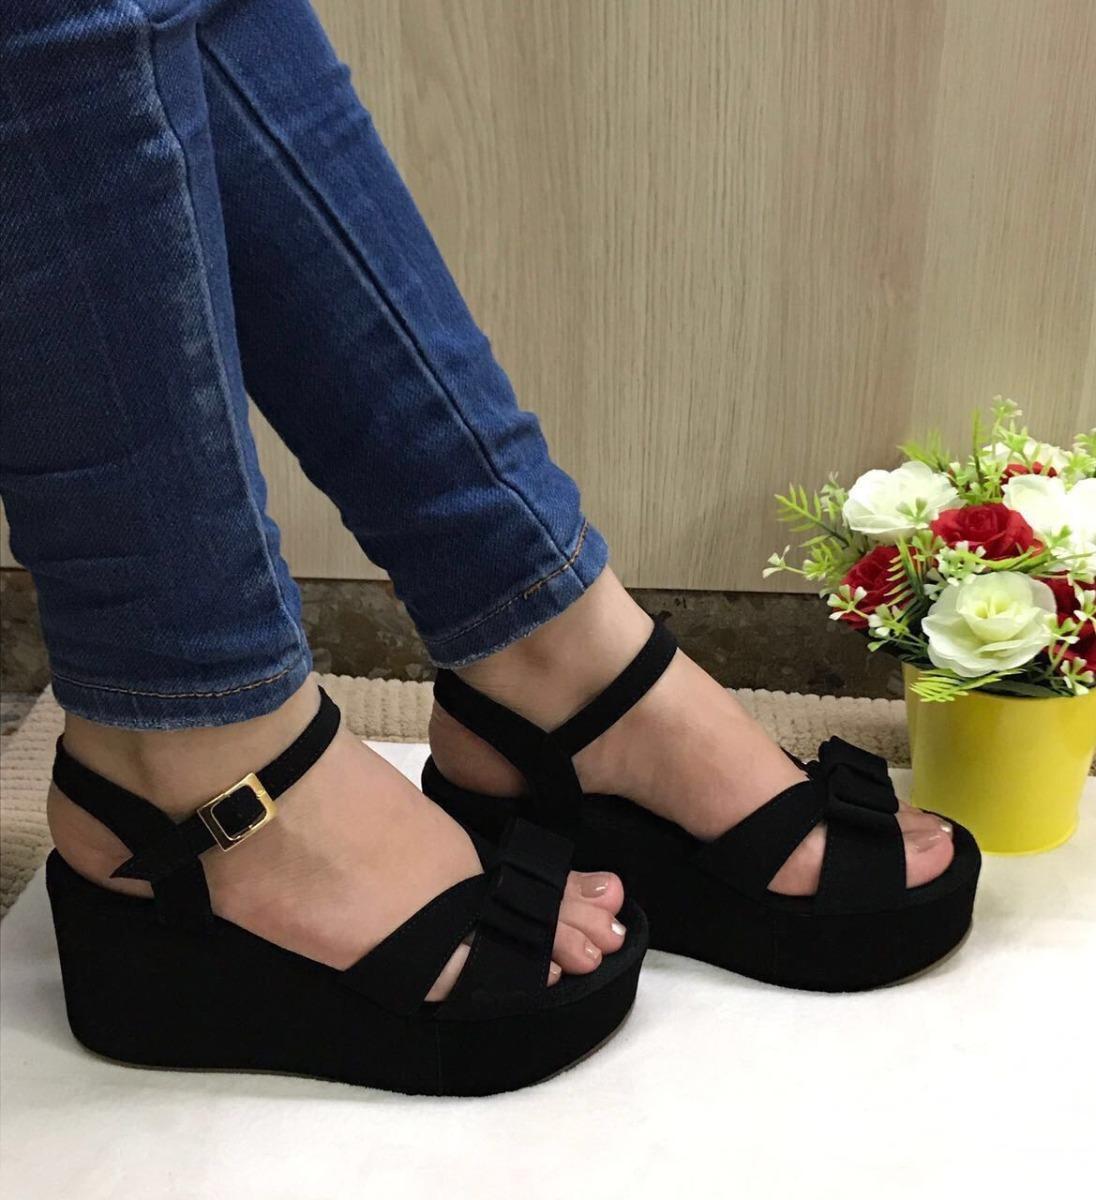 e10a11d5fd9 sandalias de plataformas negras para mujer elegantes finas. Cargando zoom.